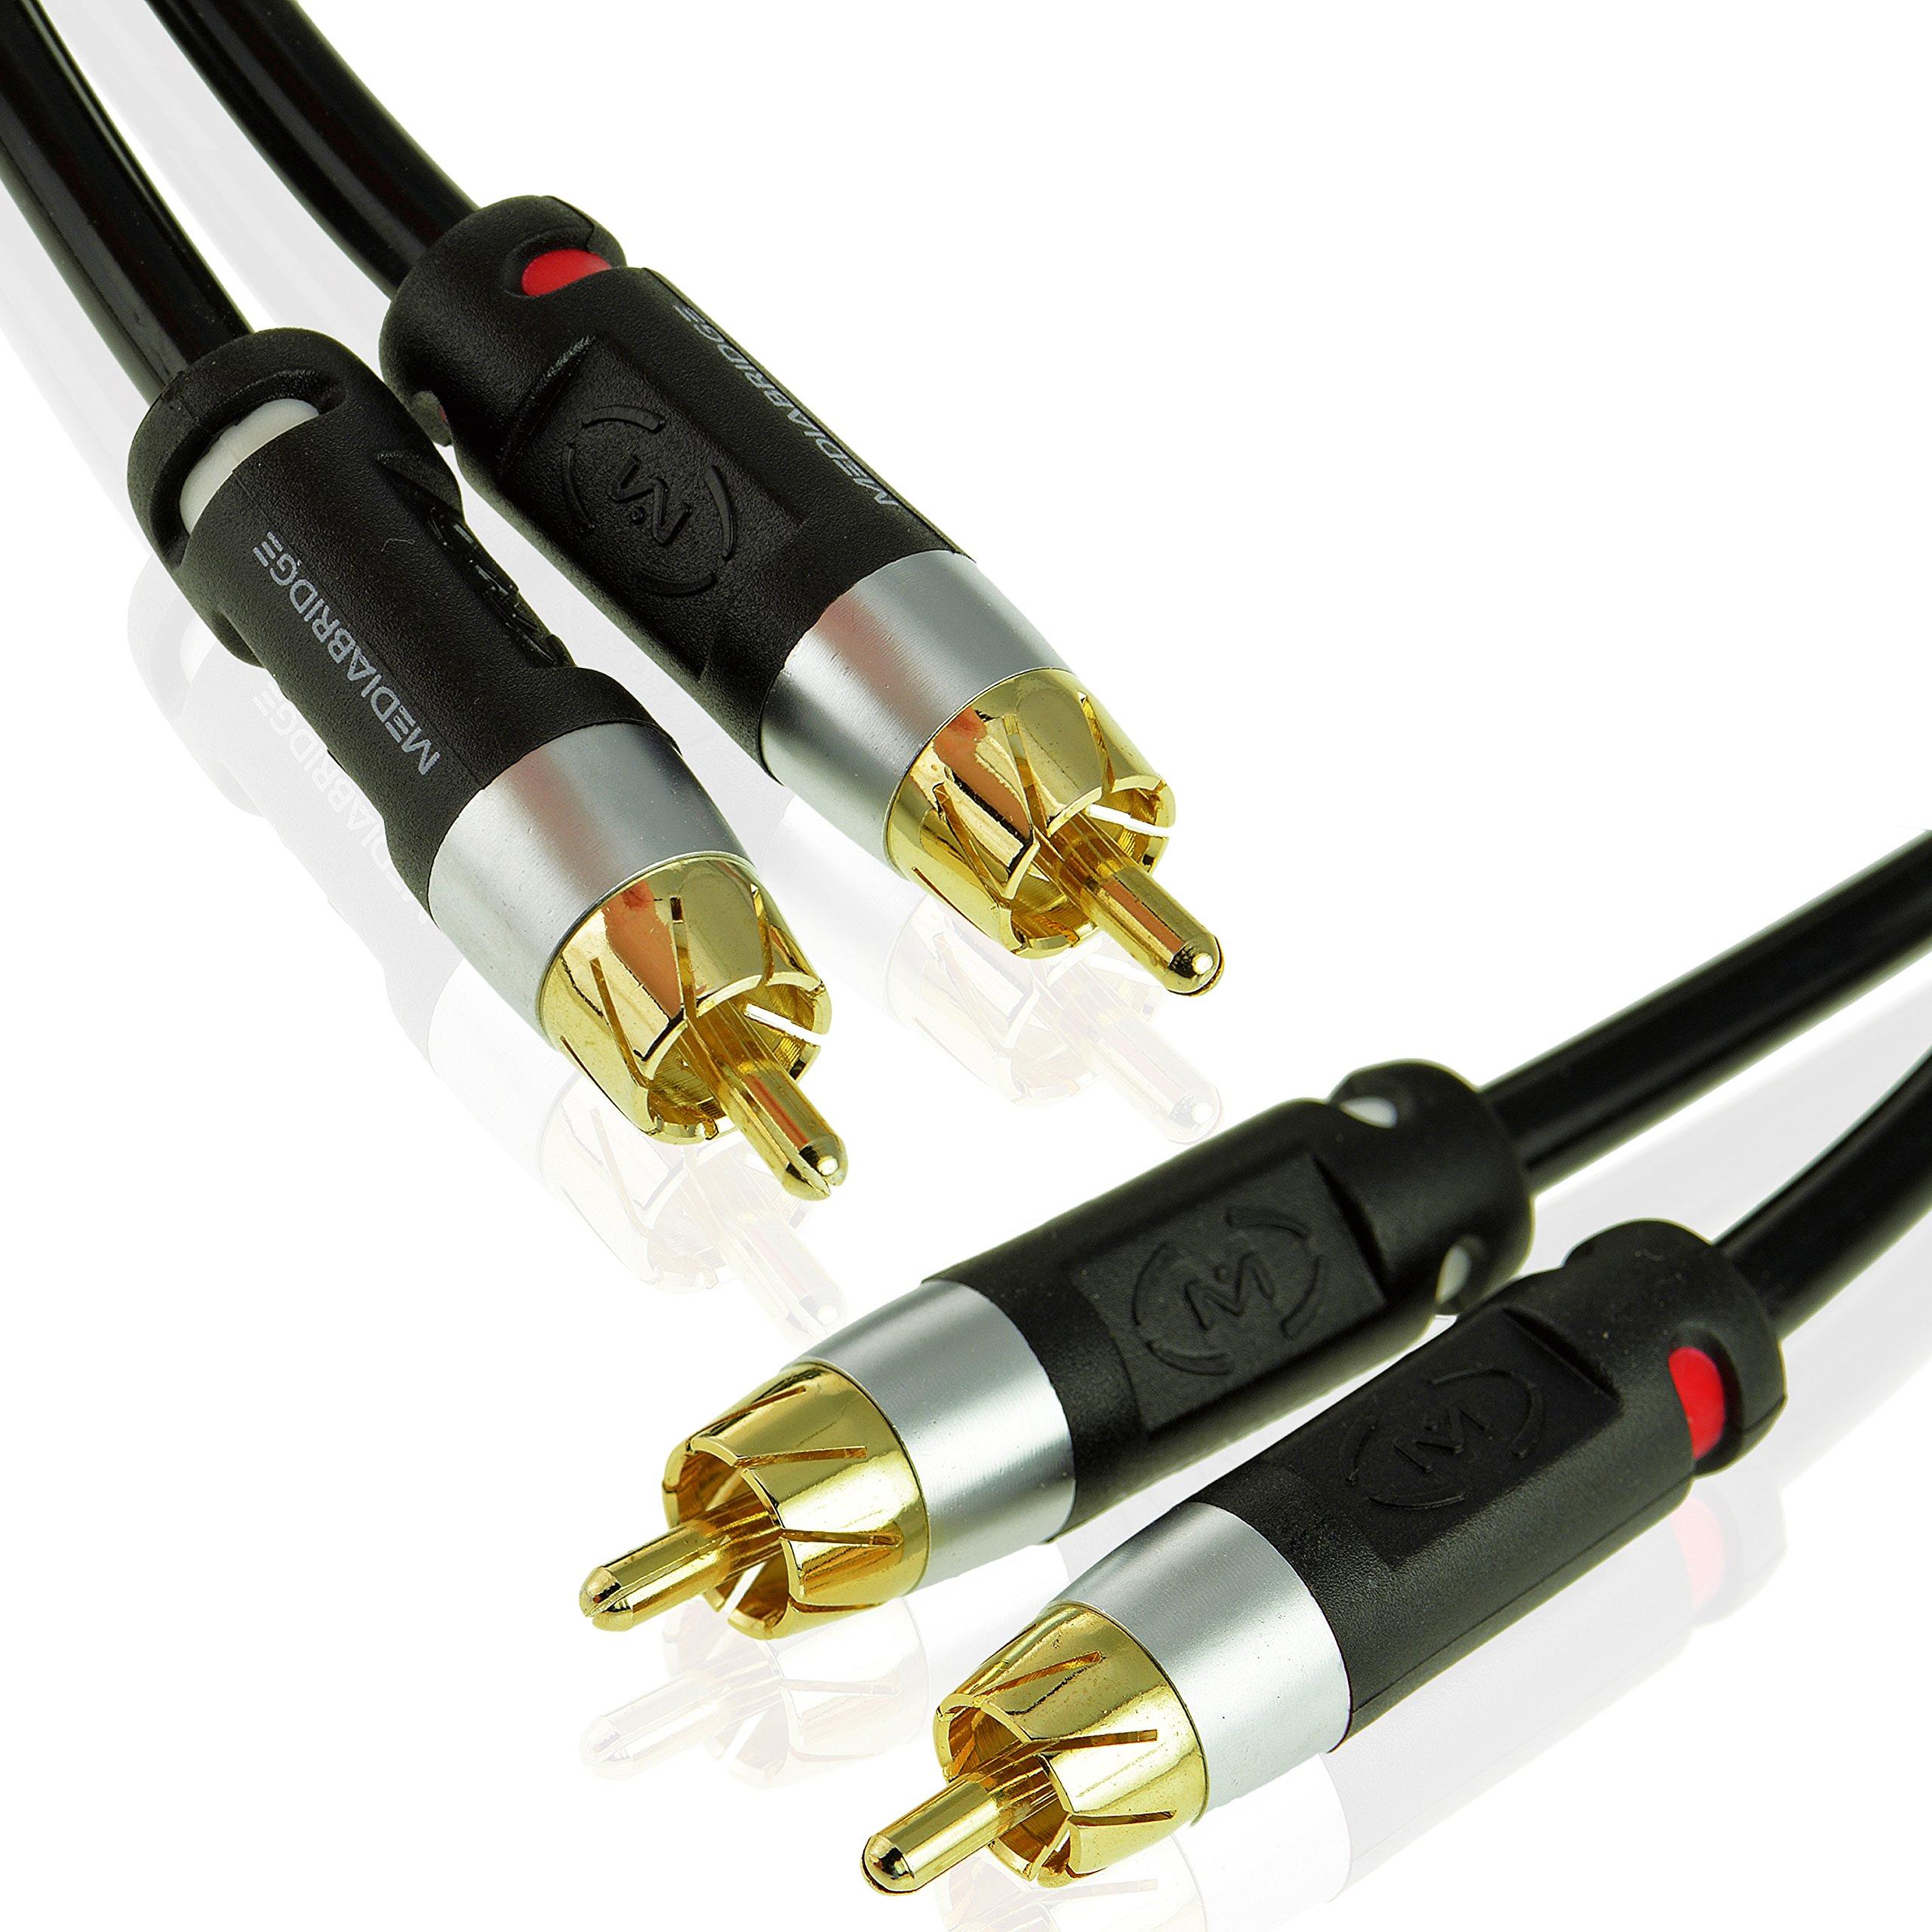 Mediabridge Ultra Series RCA Y-Adapter 15 Feet Dual Shielded CYA-1M2M-15B - for Digital Audio or Subwoofer Black -